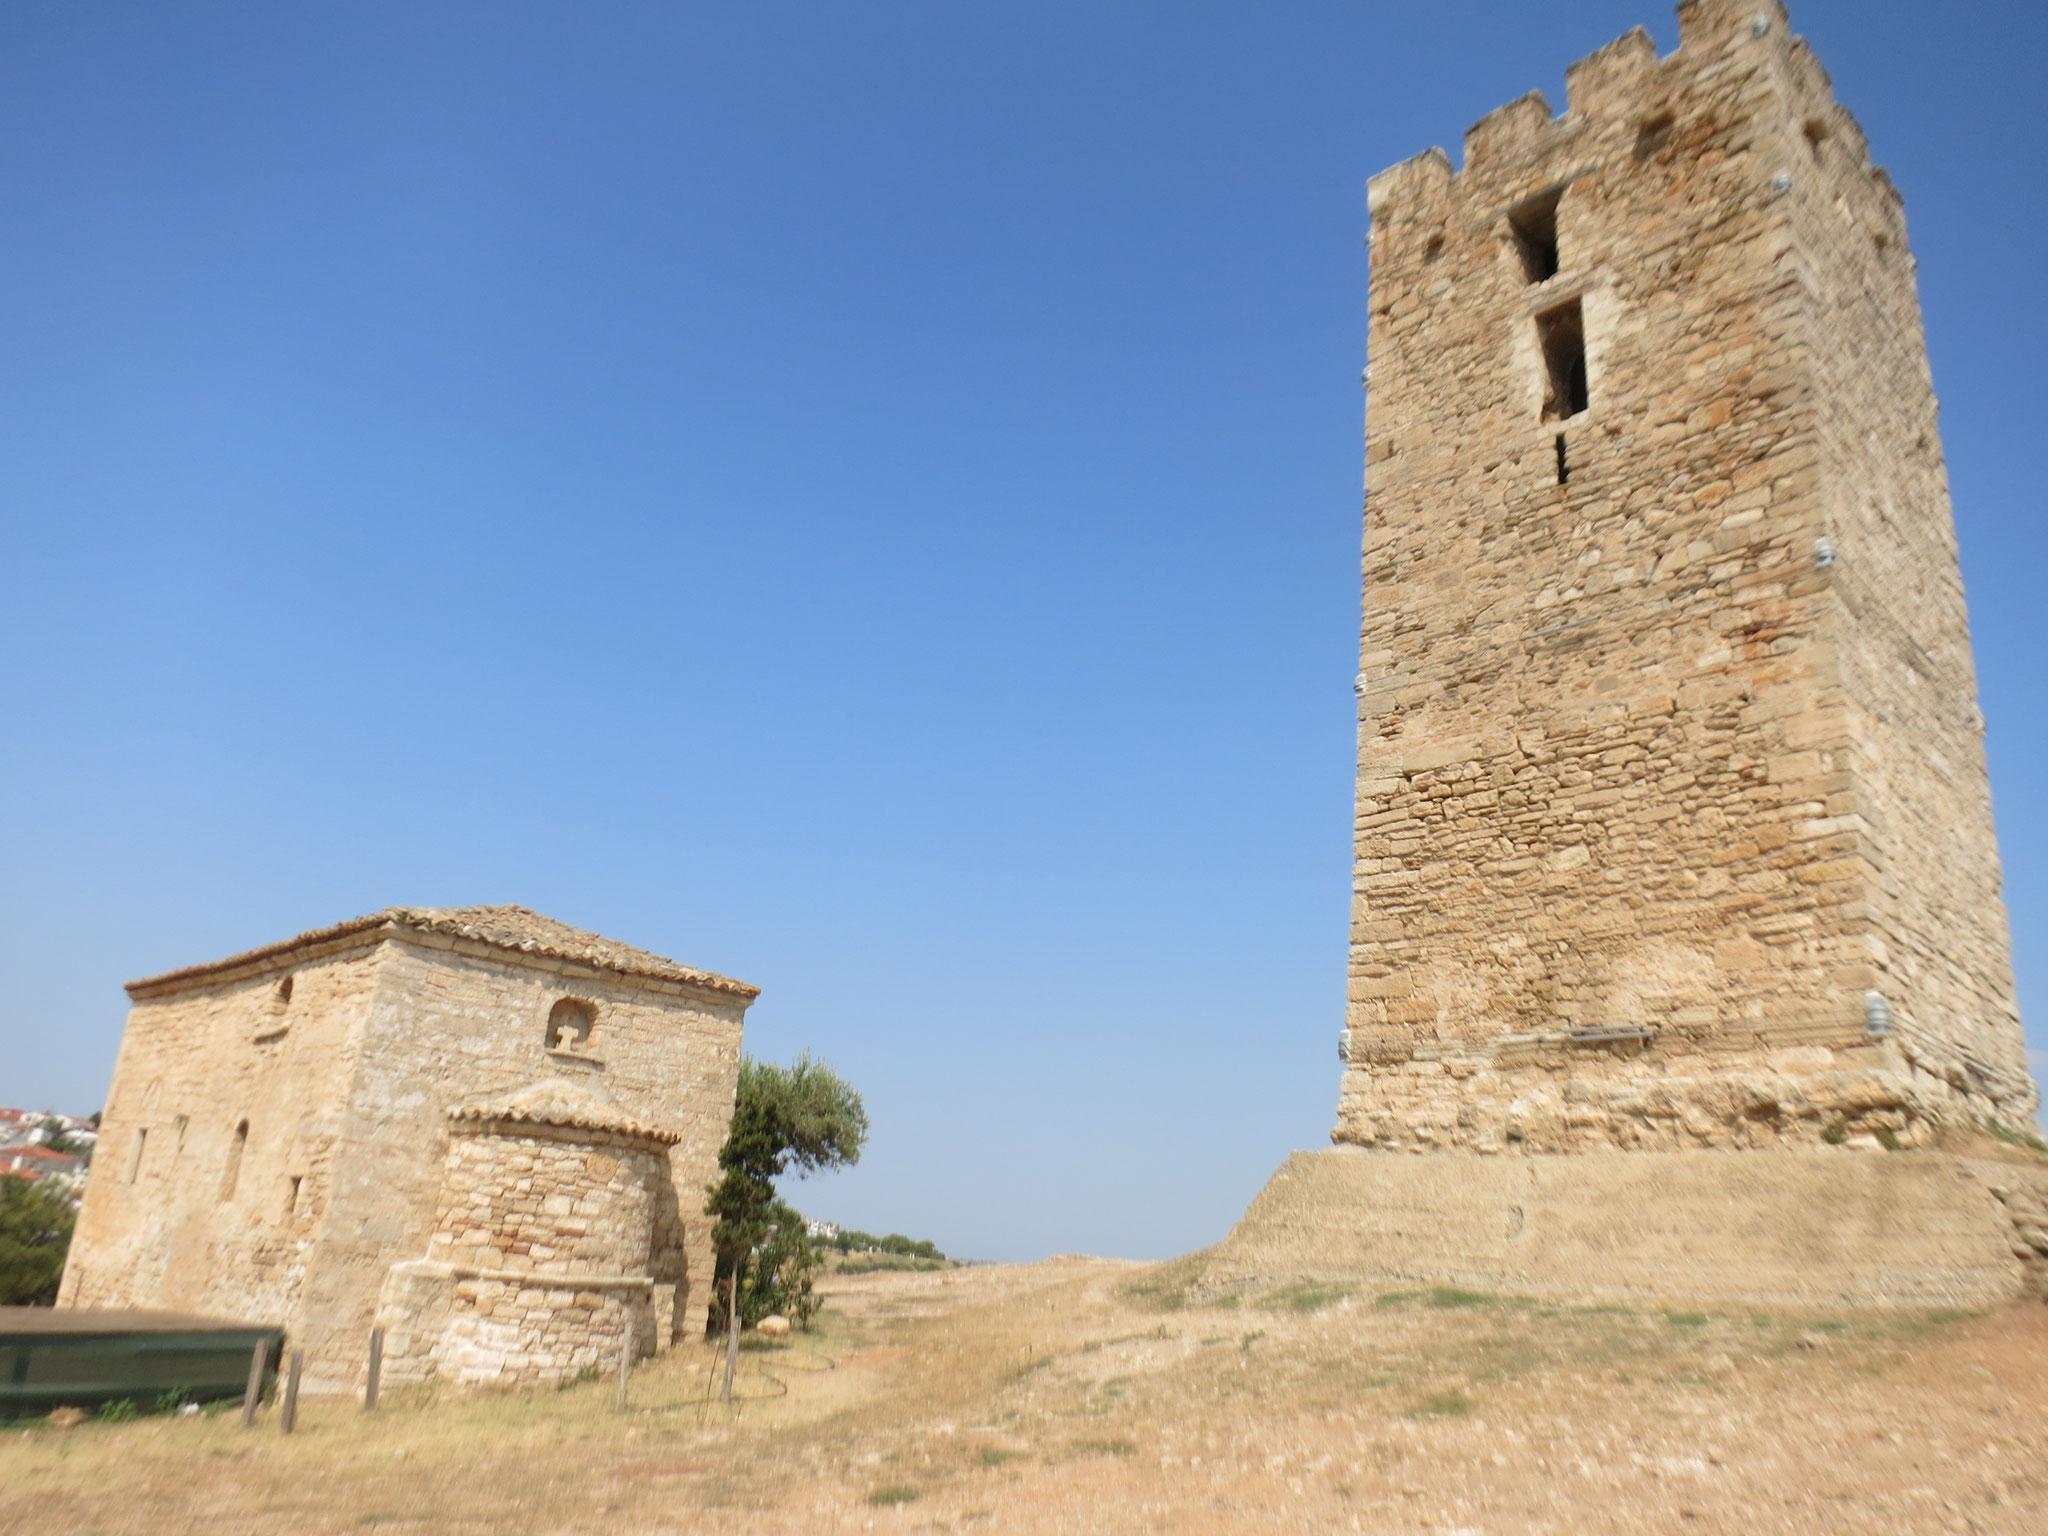 La torre bizantina y una pequeña iglesia